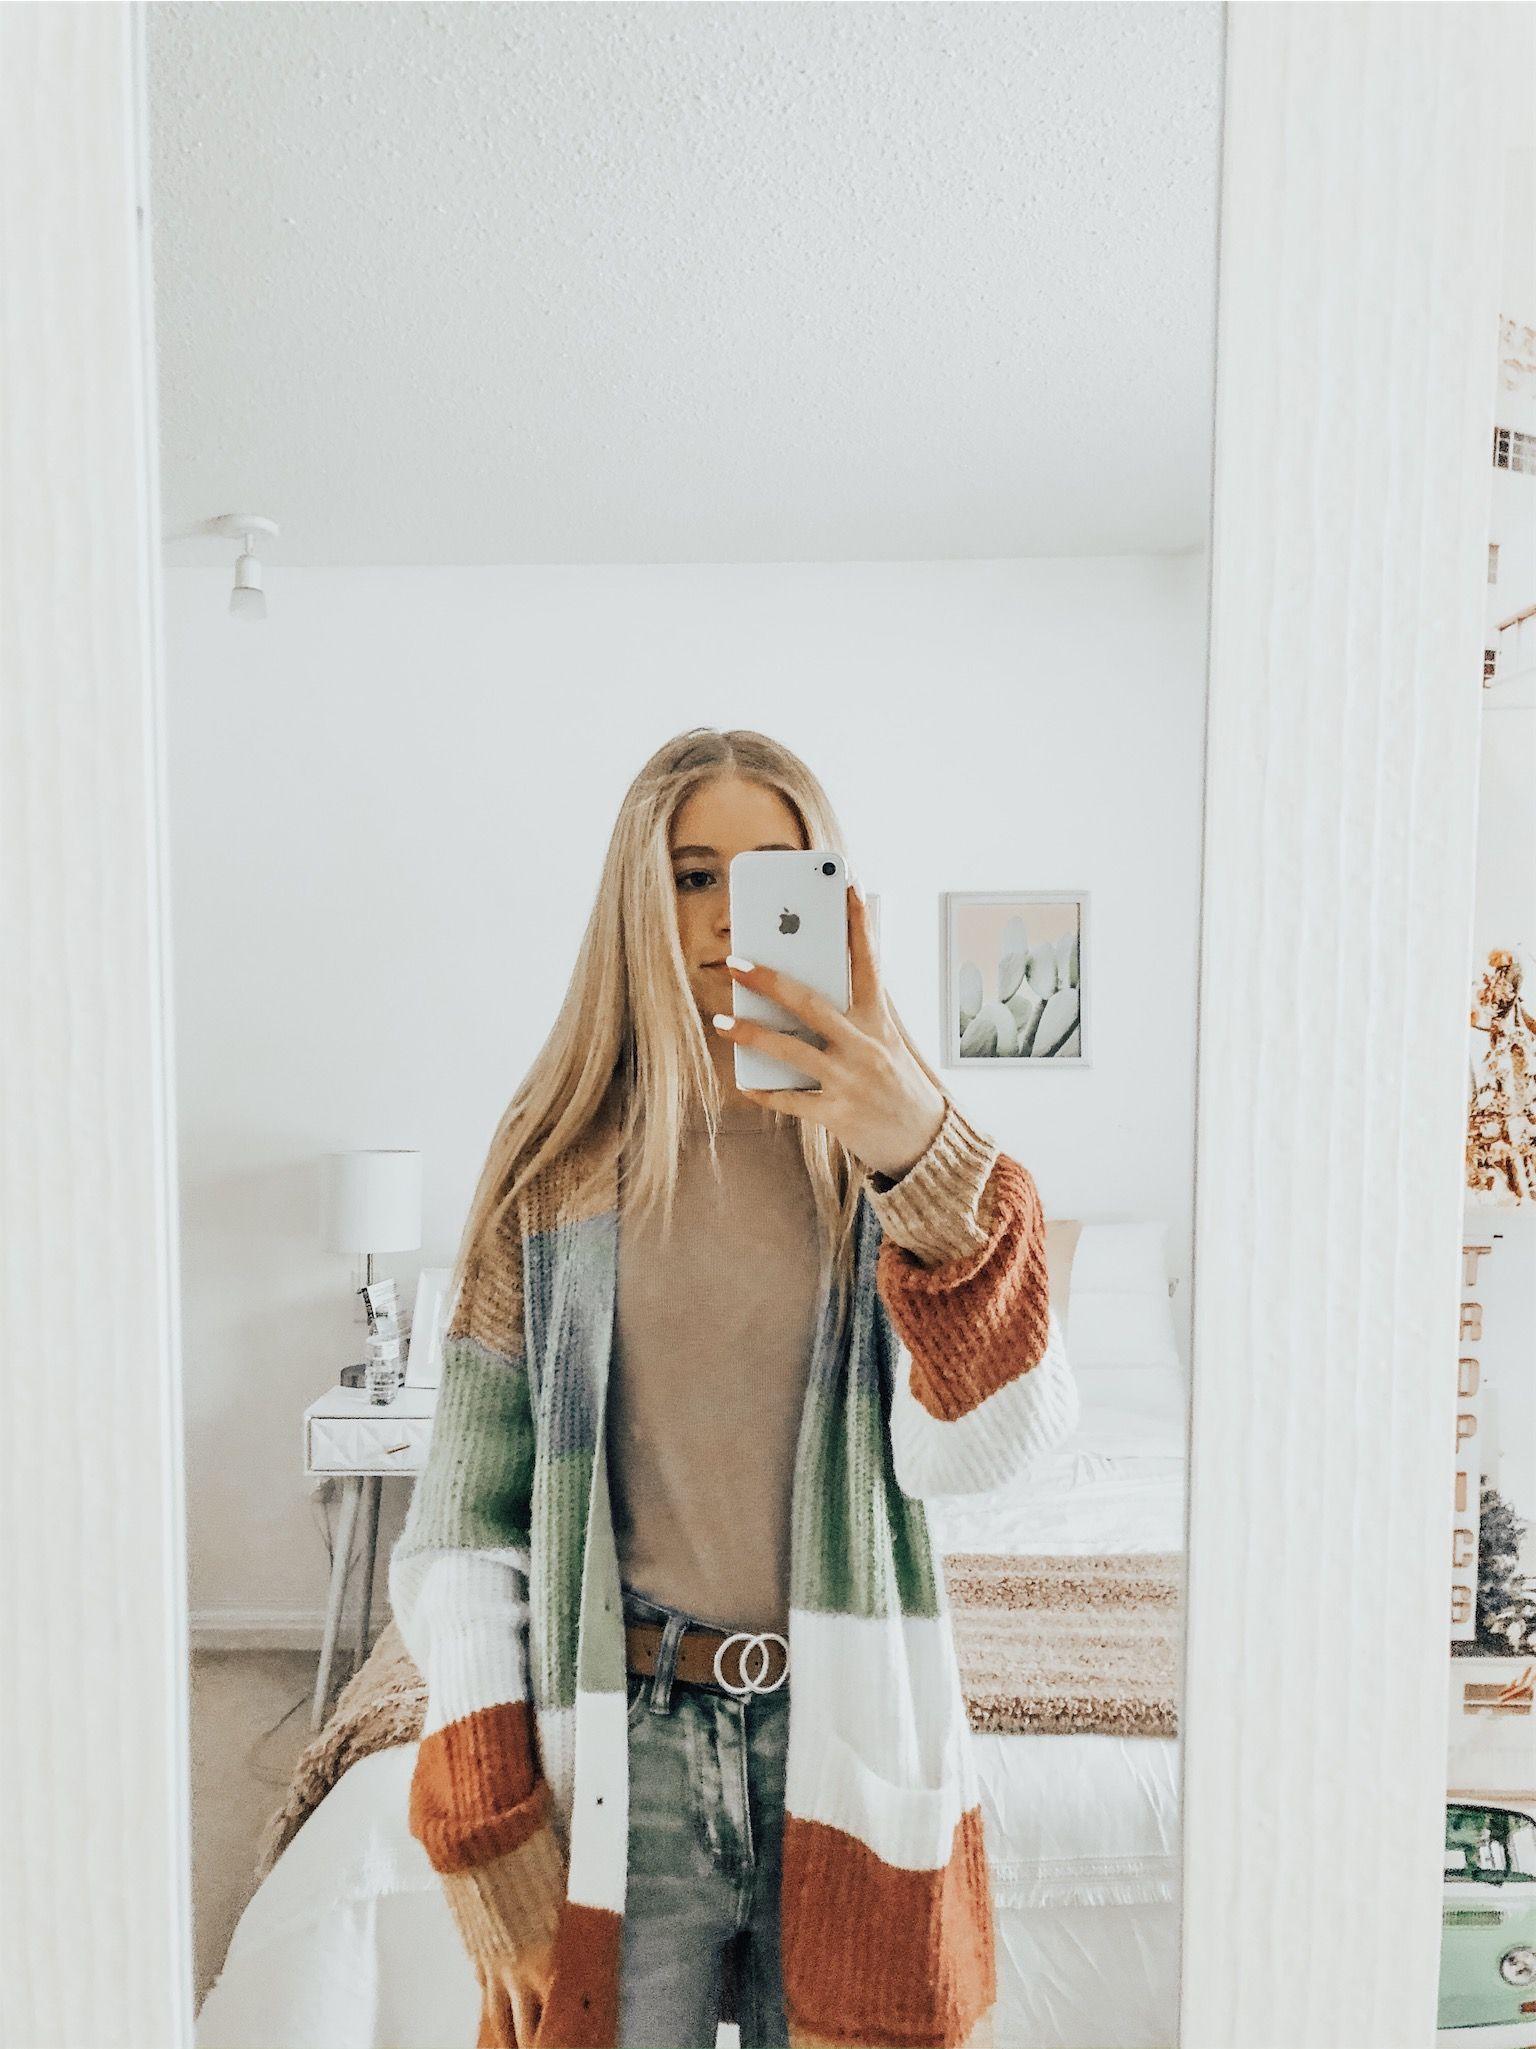 Gallery | sierraballantyne